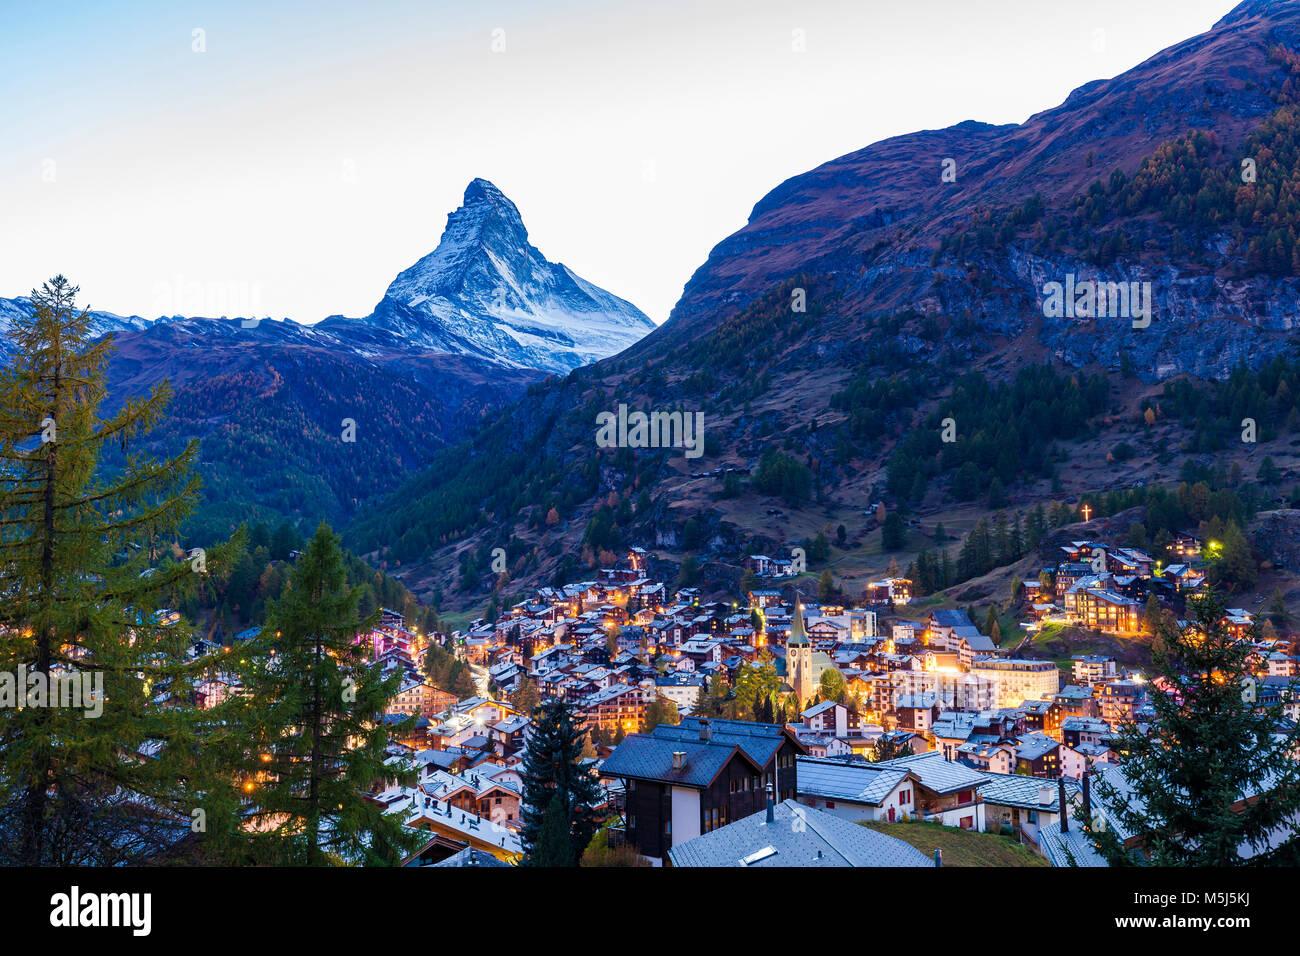 Schweiz, Kanton Wallis, Zermatt, Matterhorn, Ortsansicht, Kirche, Hotels, Chalets, Ferienhäuser, Ferienwohnungen - Stock Image